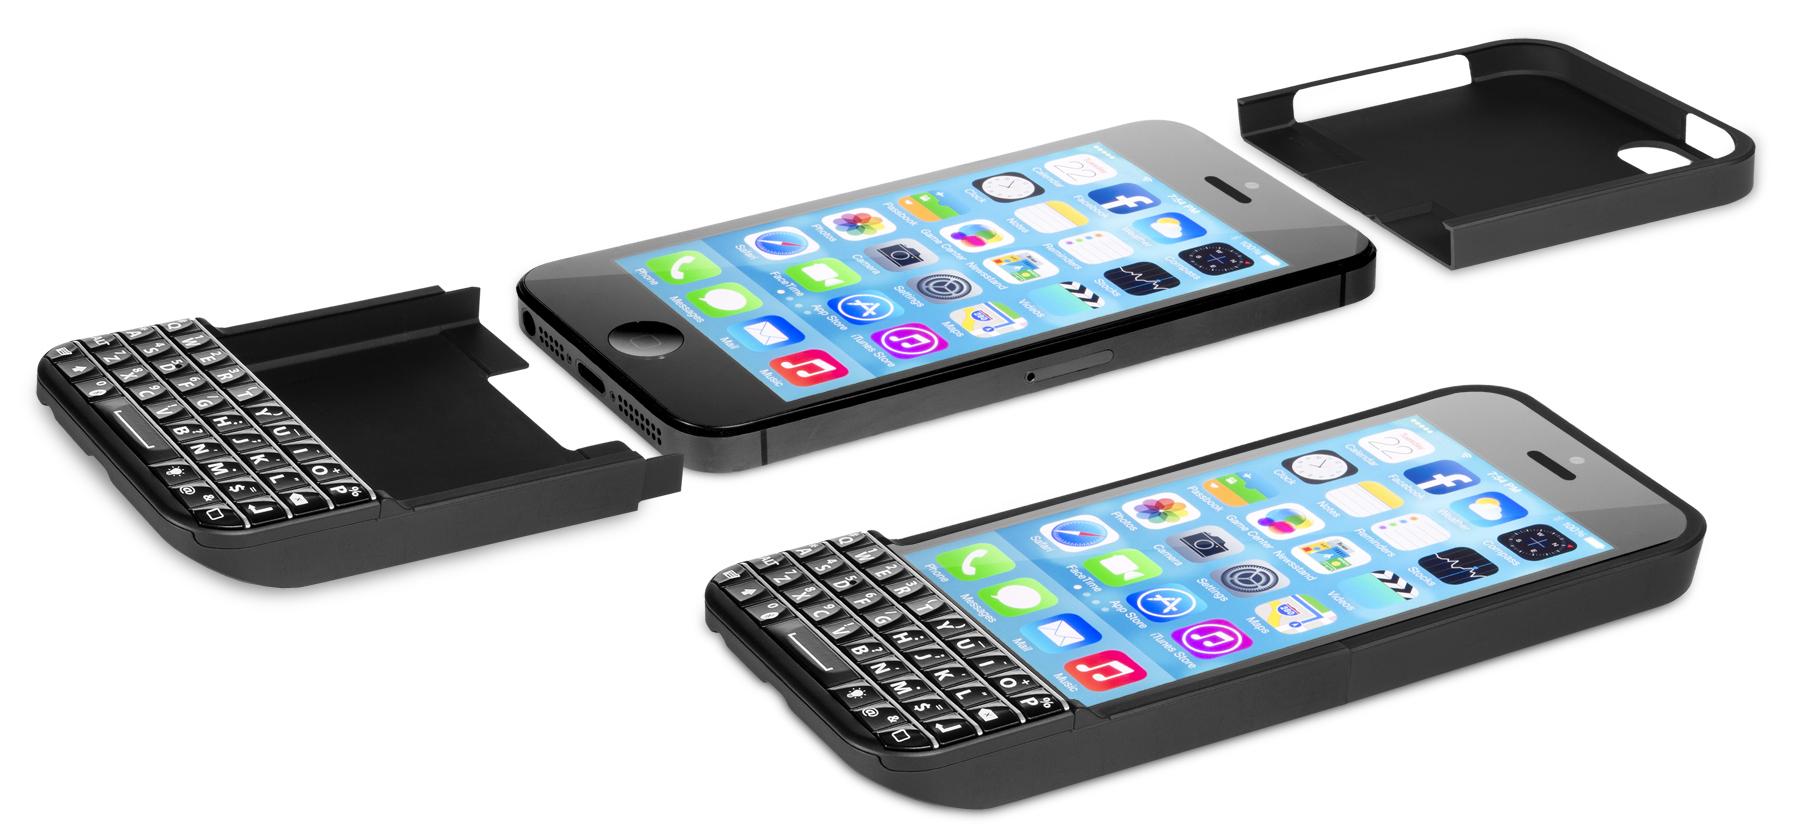 hot sale online 22eca 1f223 Seacrest Out: The Typo iPhone Keyboard Is Dead | TechCrunch